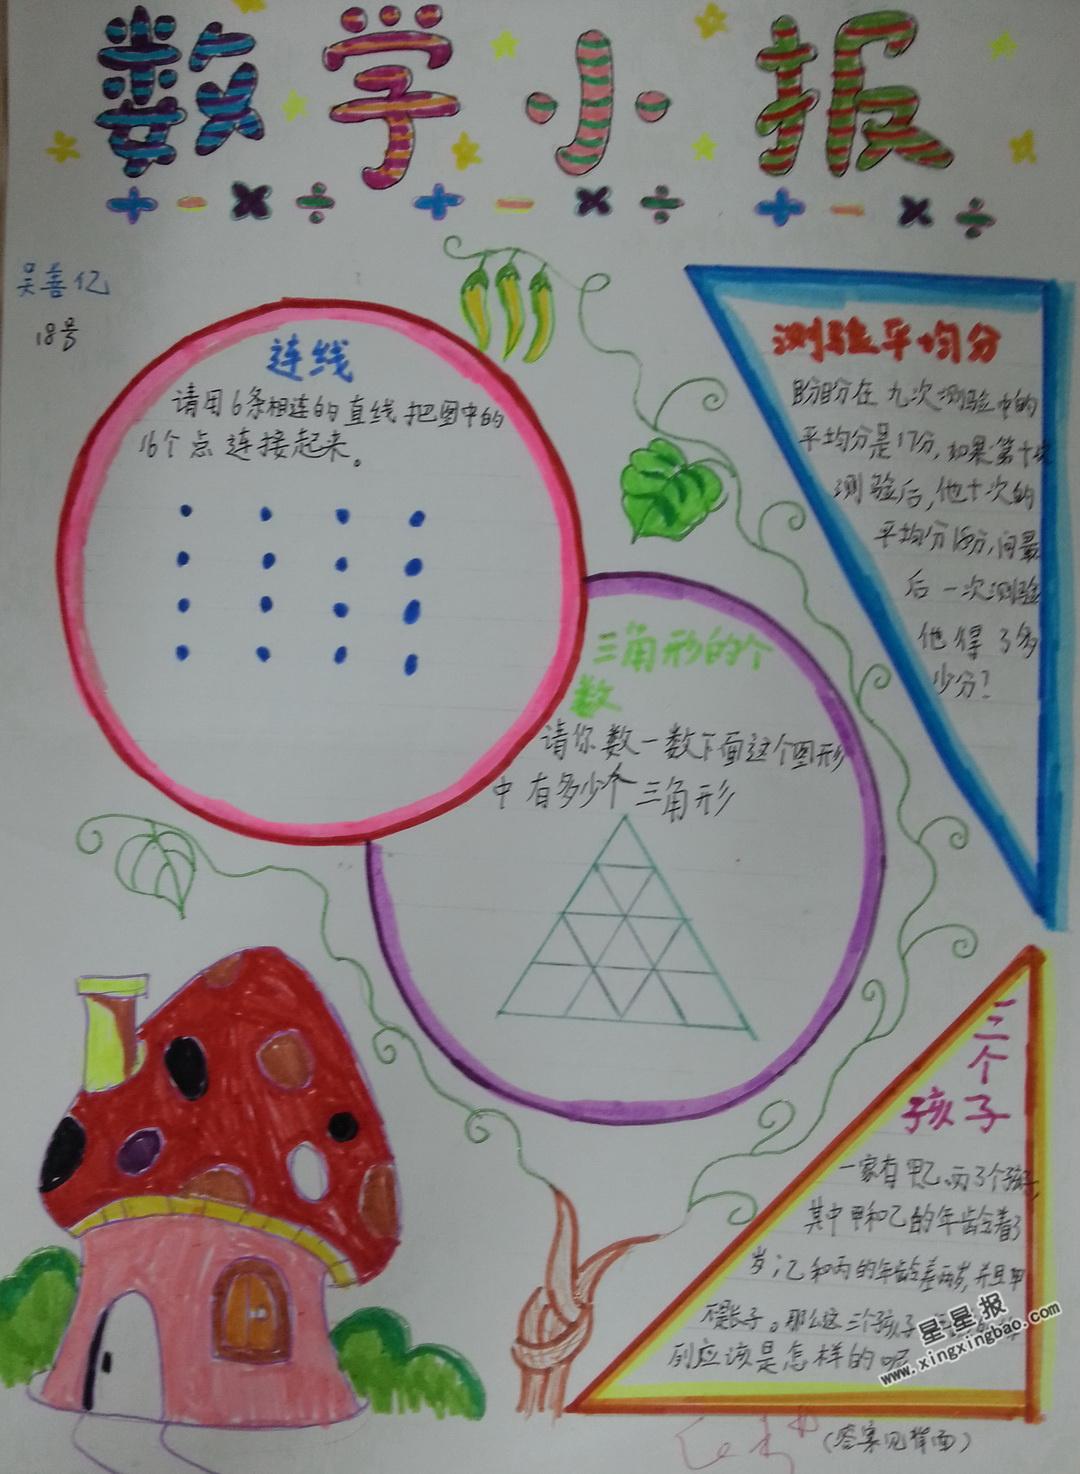 数学手抄报图片、内容